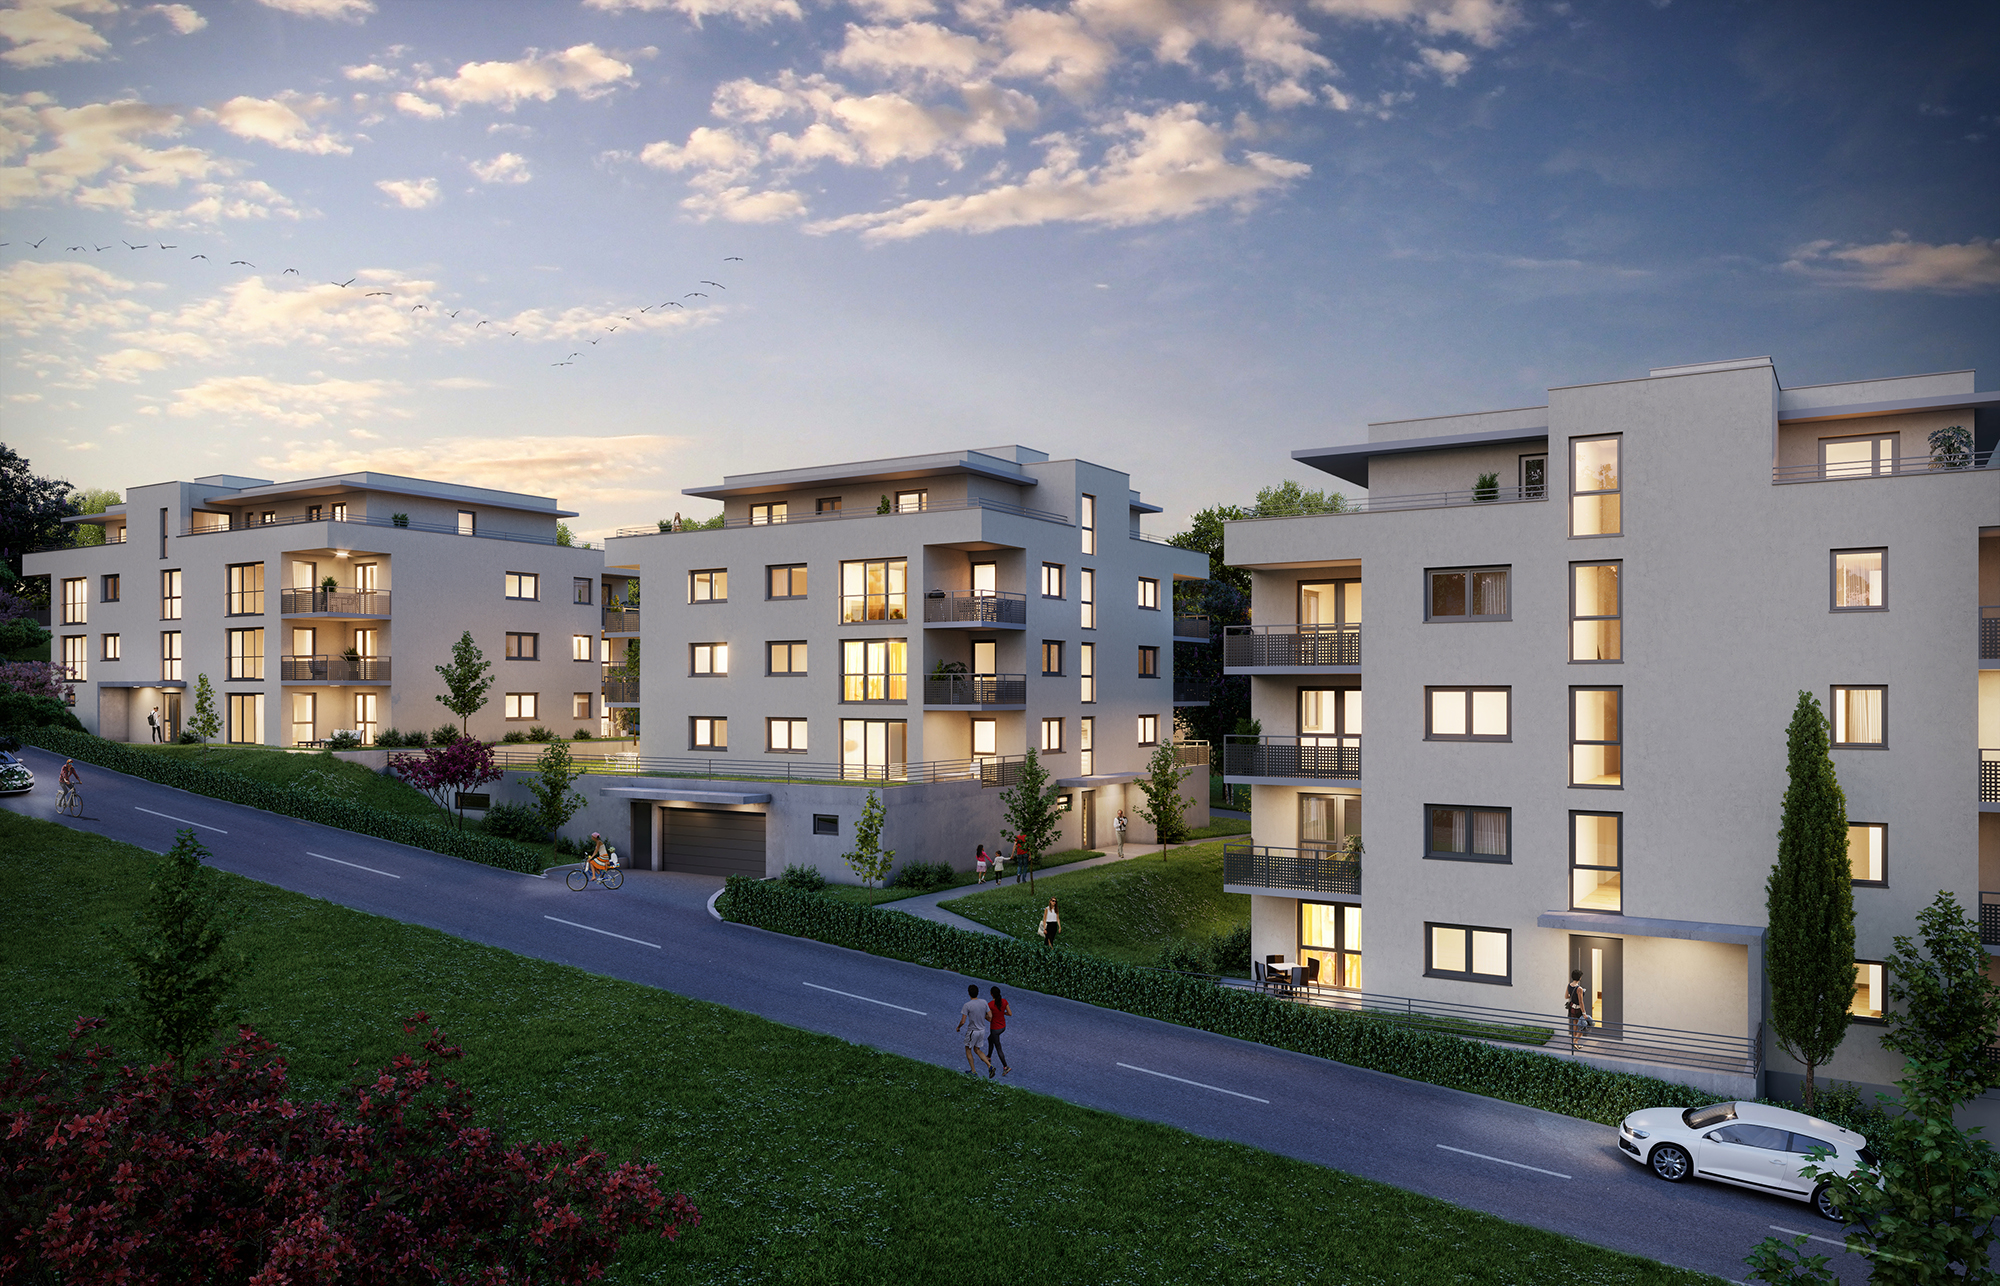 1073 01 Eichendorffweg f02 low - Alle BGW-Häuser